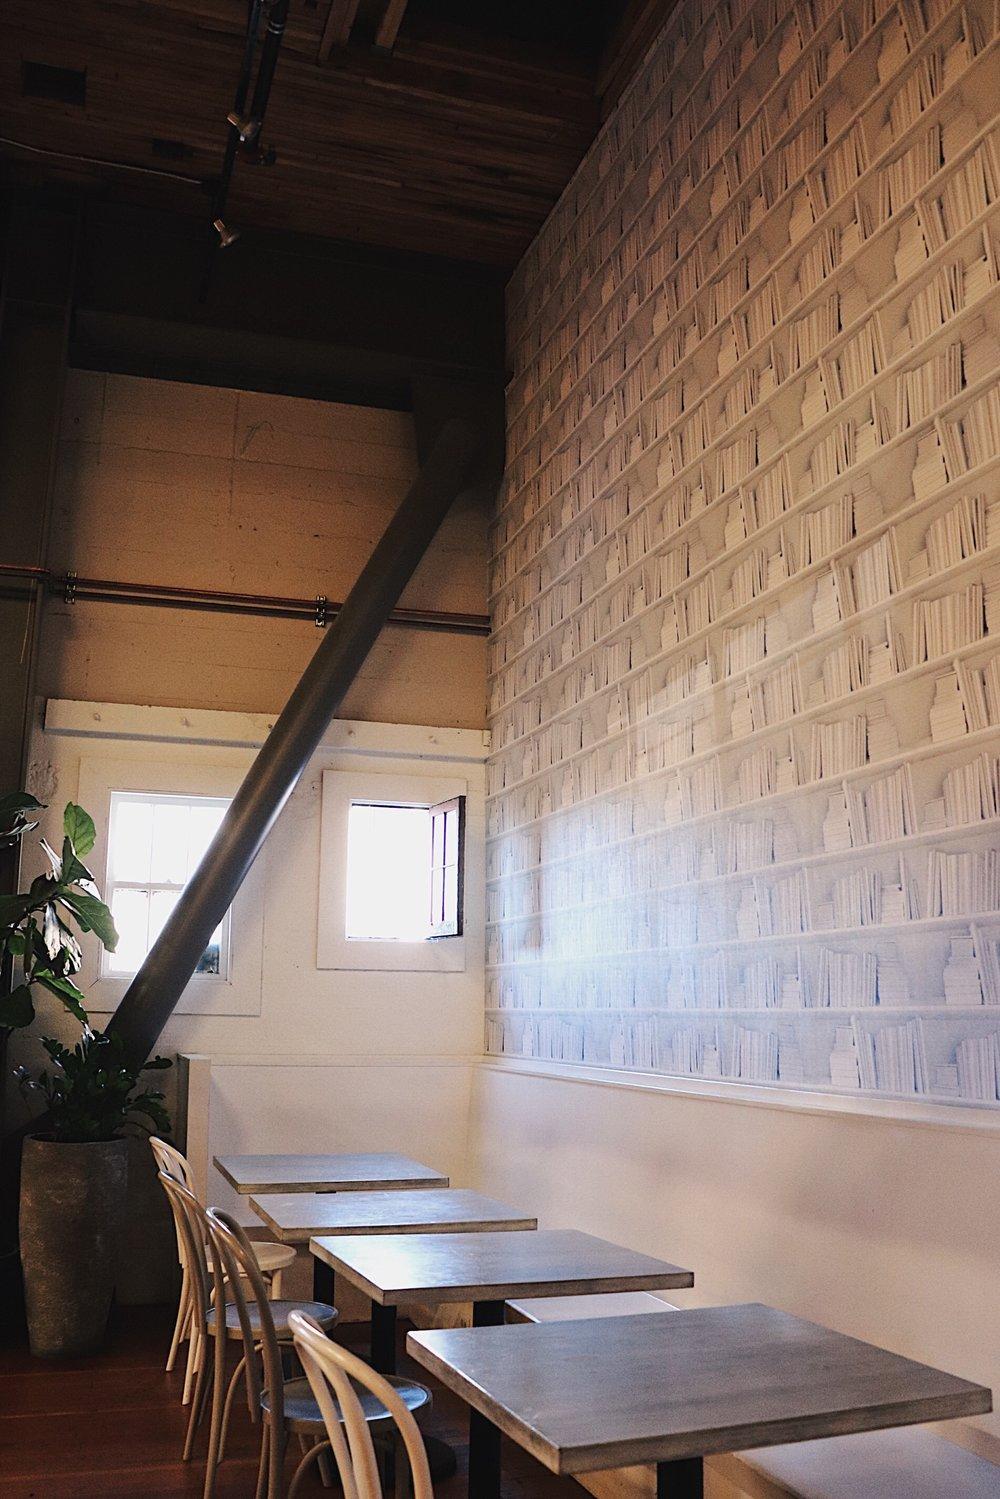 White Spaces